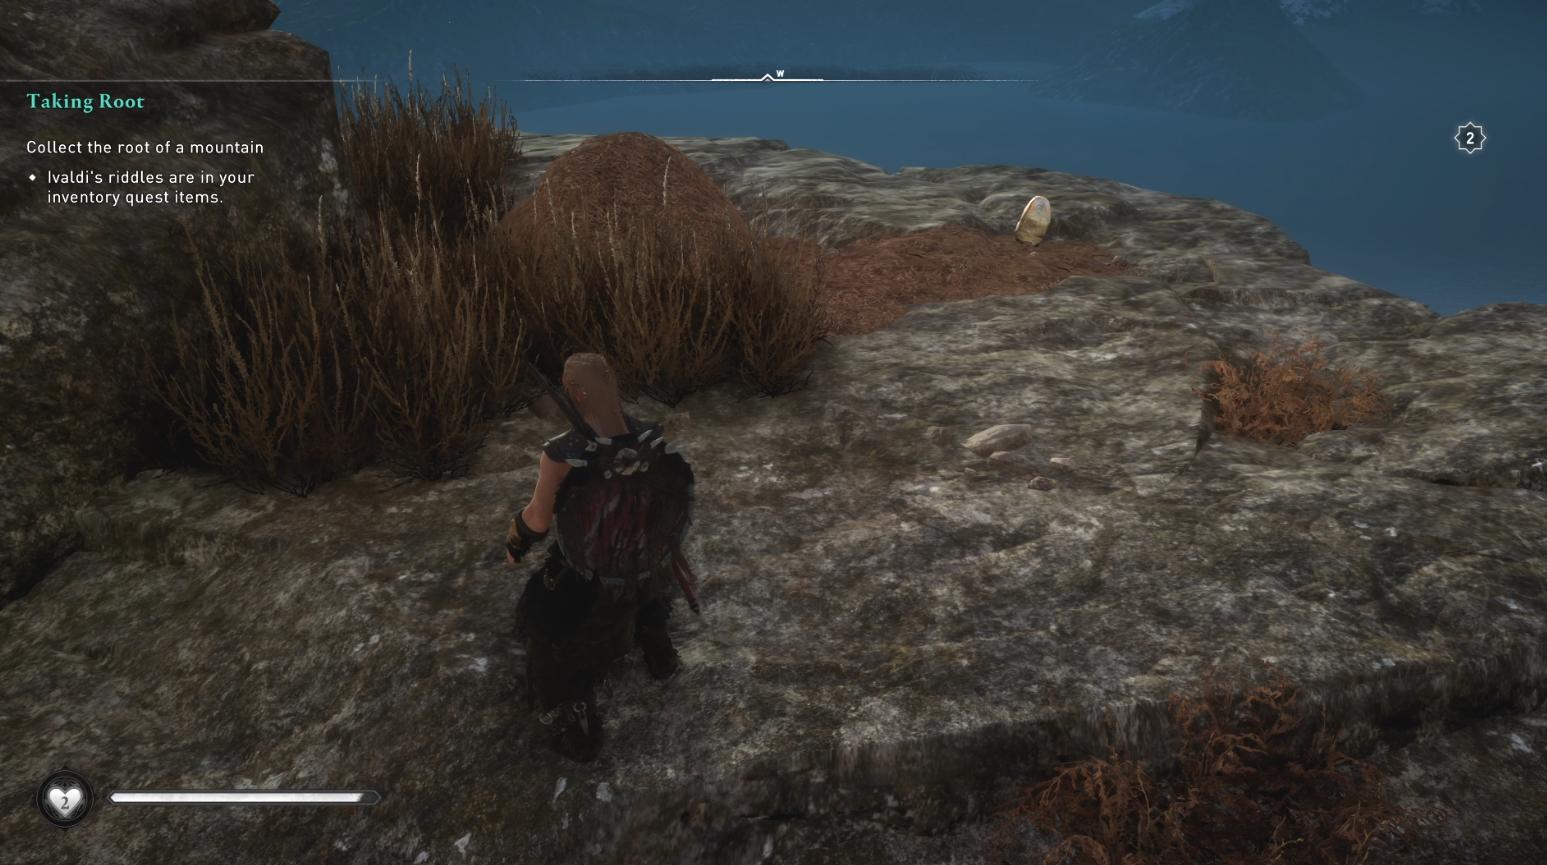 Comment récupérer la racine d'une montagne dans Assassin's Creed Valhalla